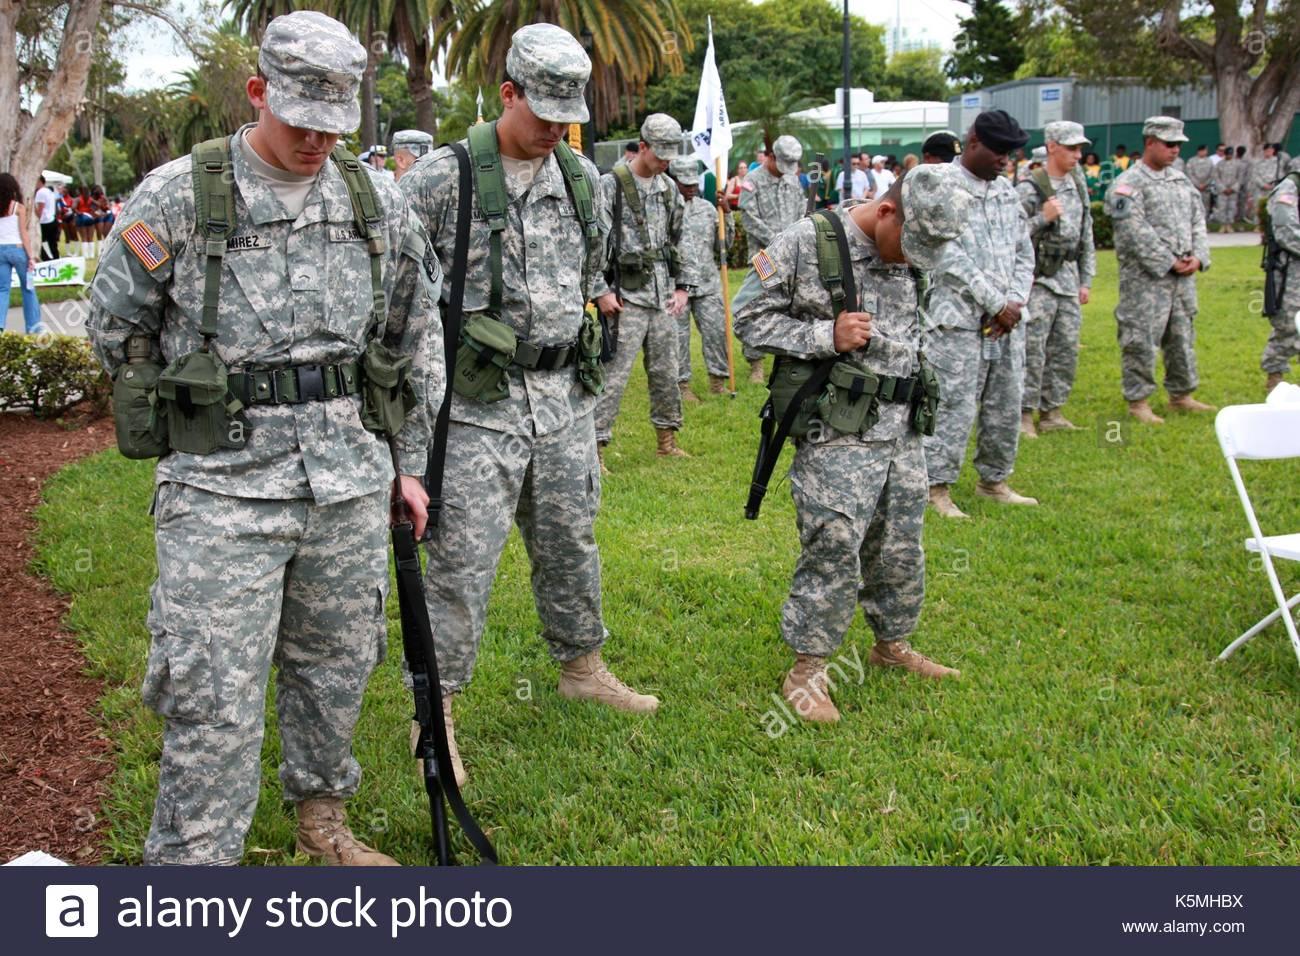 Miami Dolphins cheerleaders e miami heat danzatori uniscono il miami beach  Veteran s parata del giorno a miami beach f12428fce